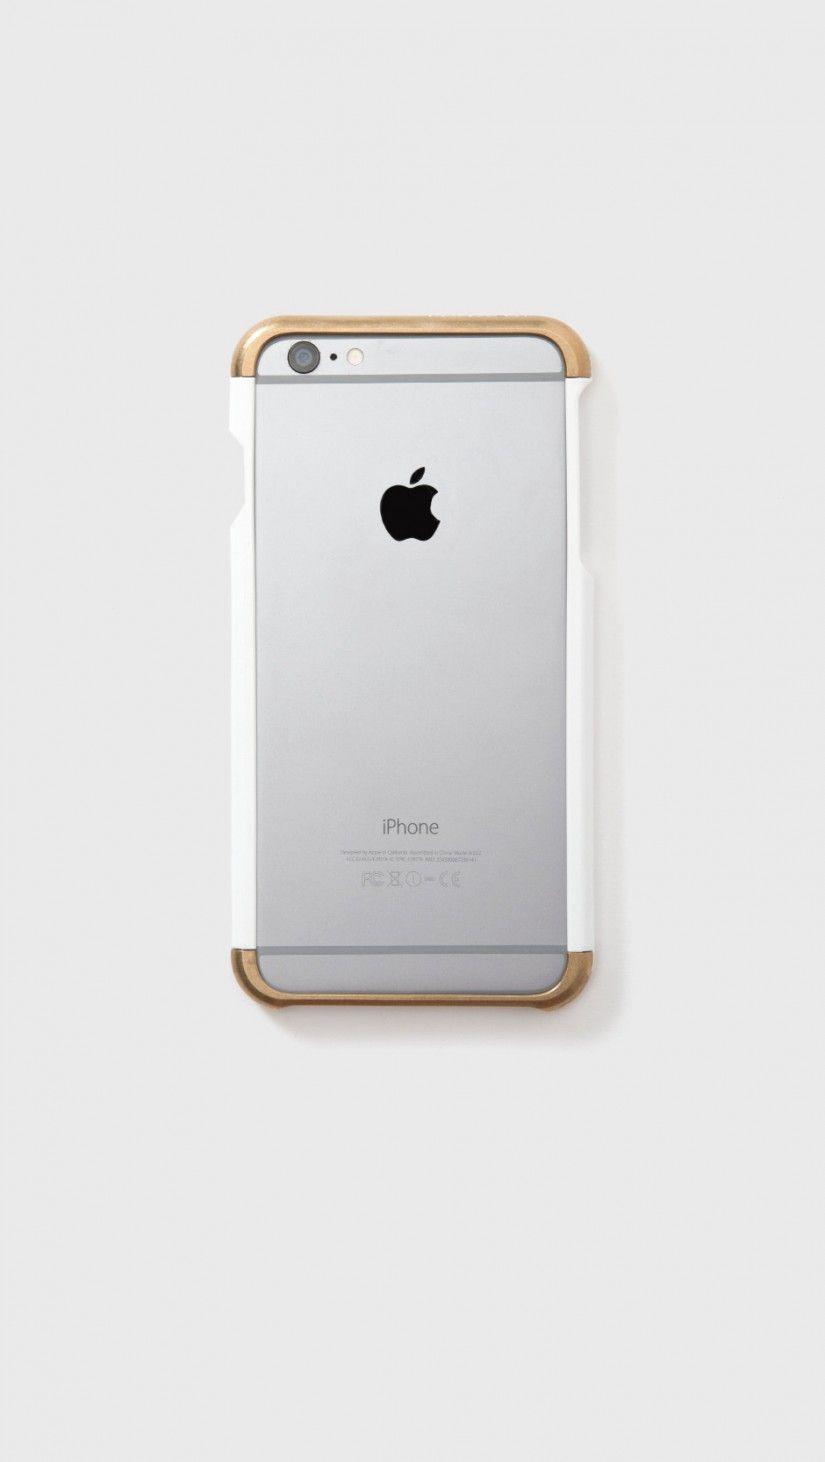 jecent iphone 6 case